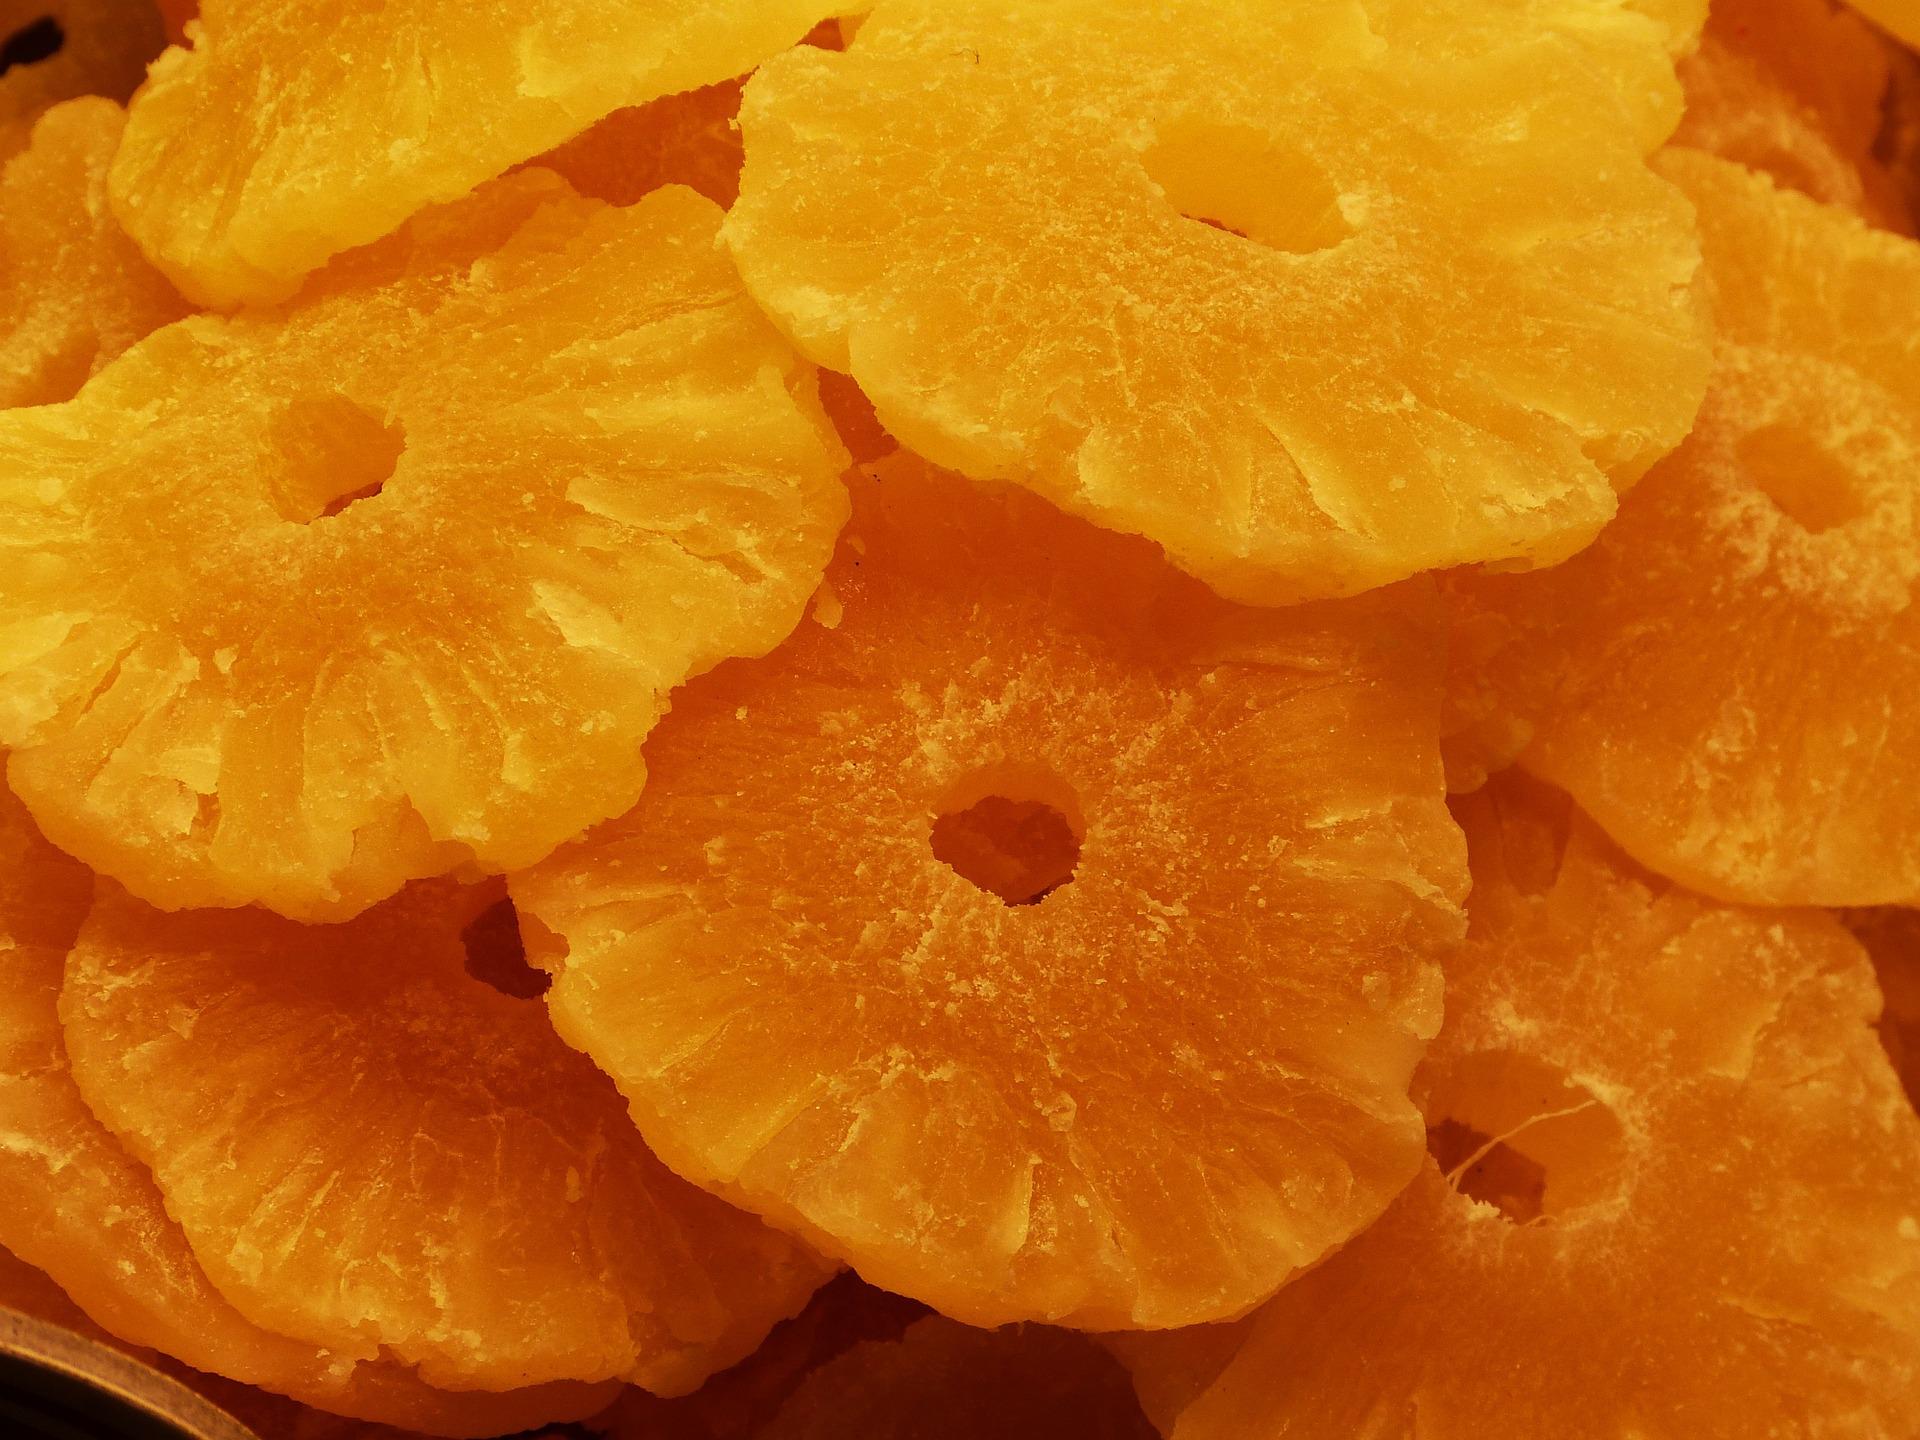 Польза сушенных продуктов: курага, ананас, баклажан, бананы, виноград и пр.